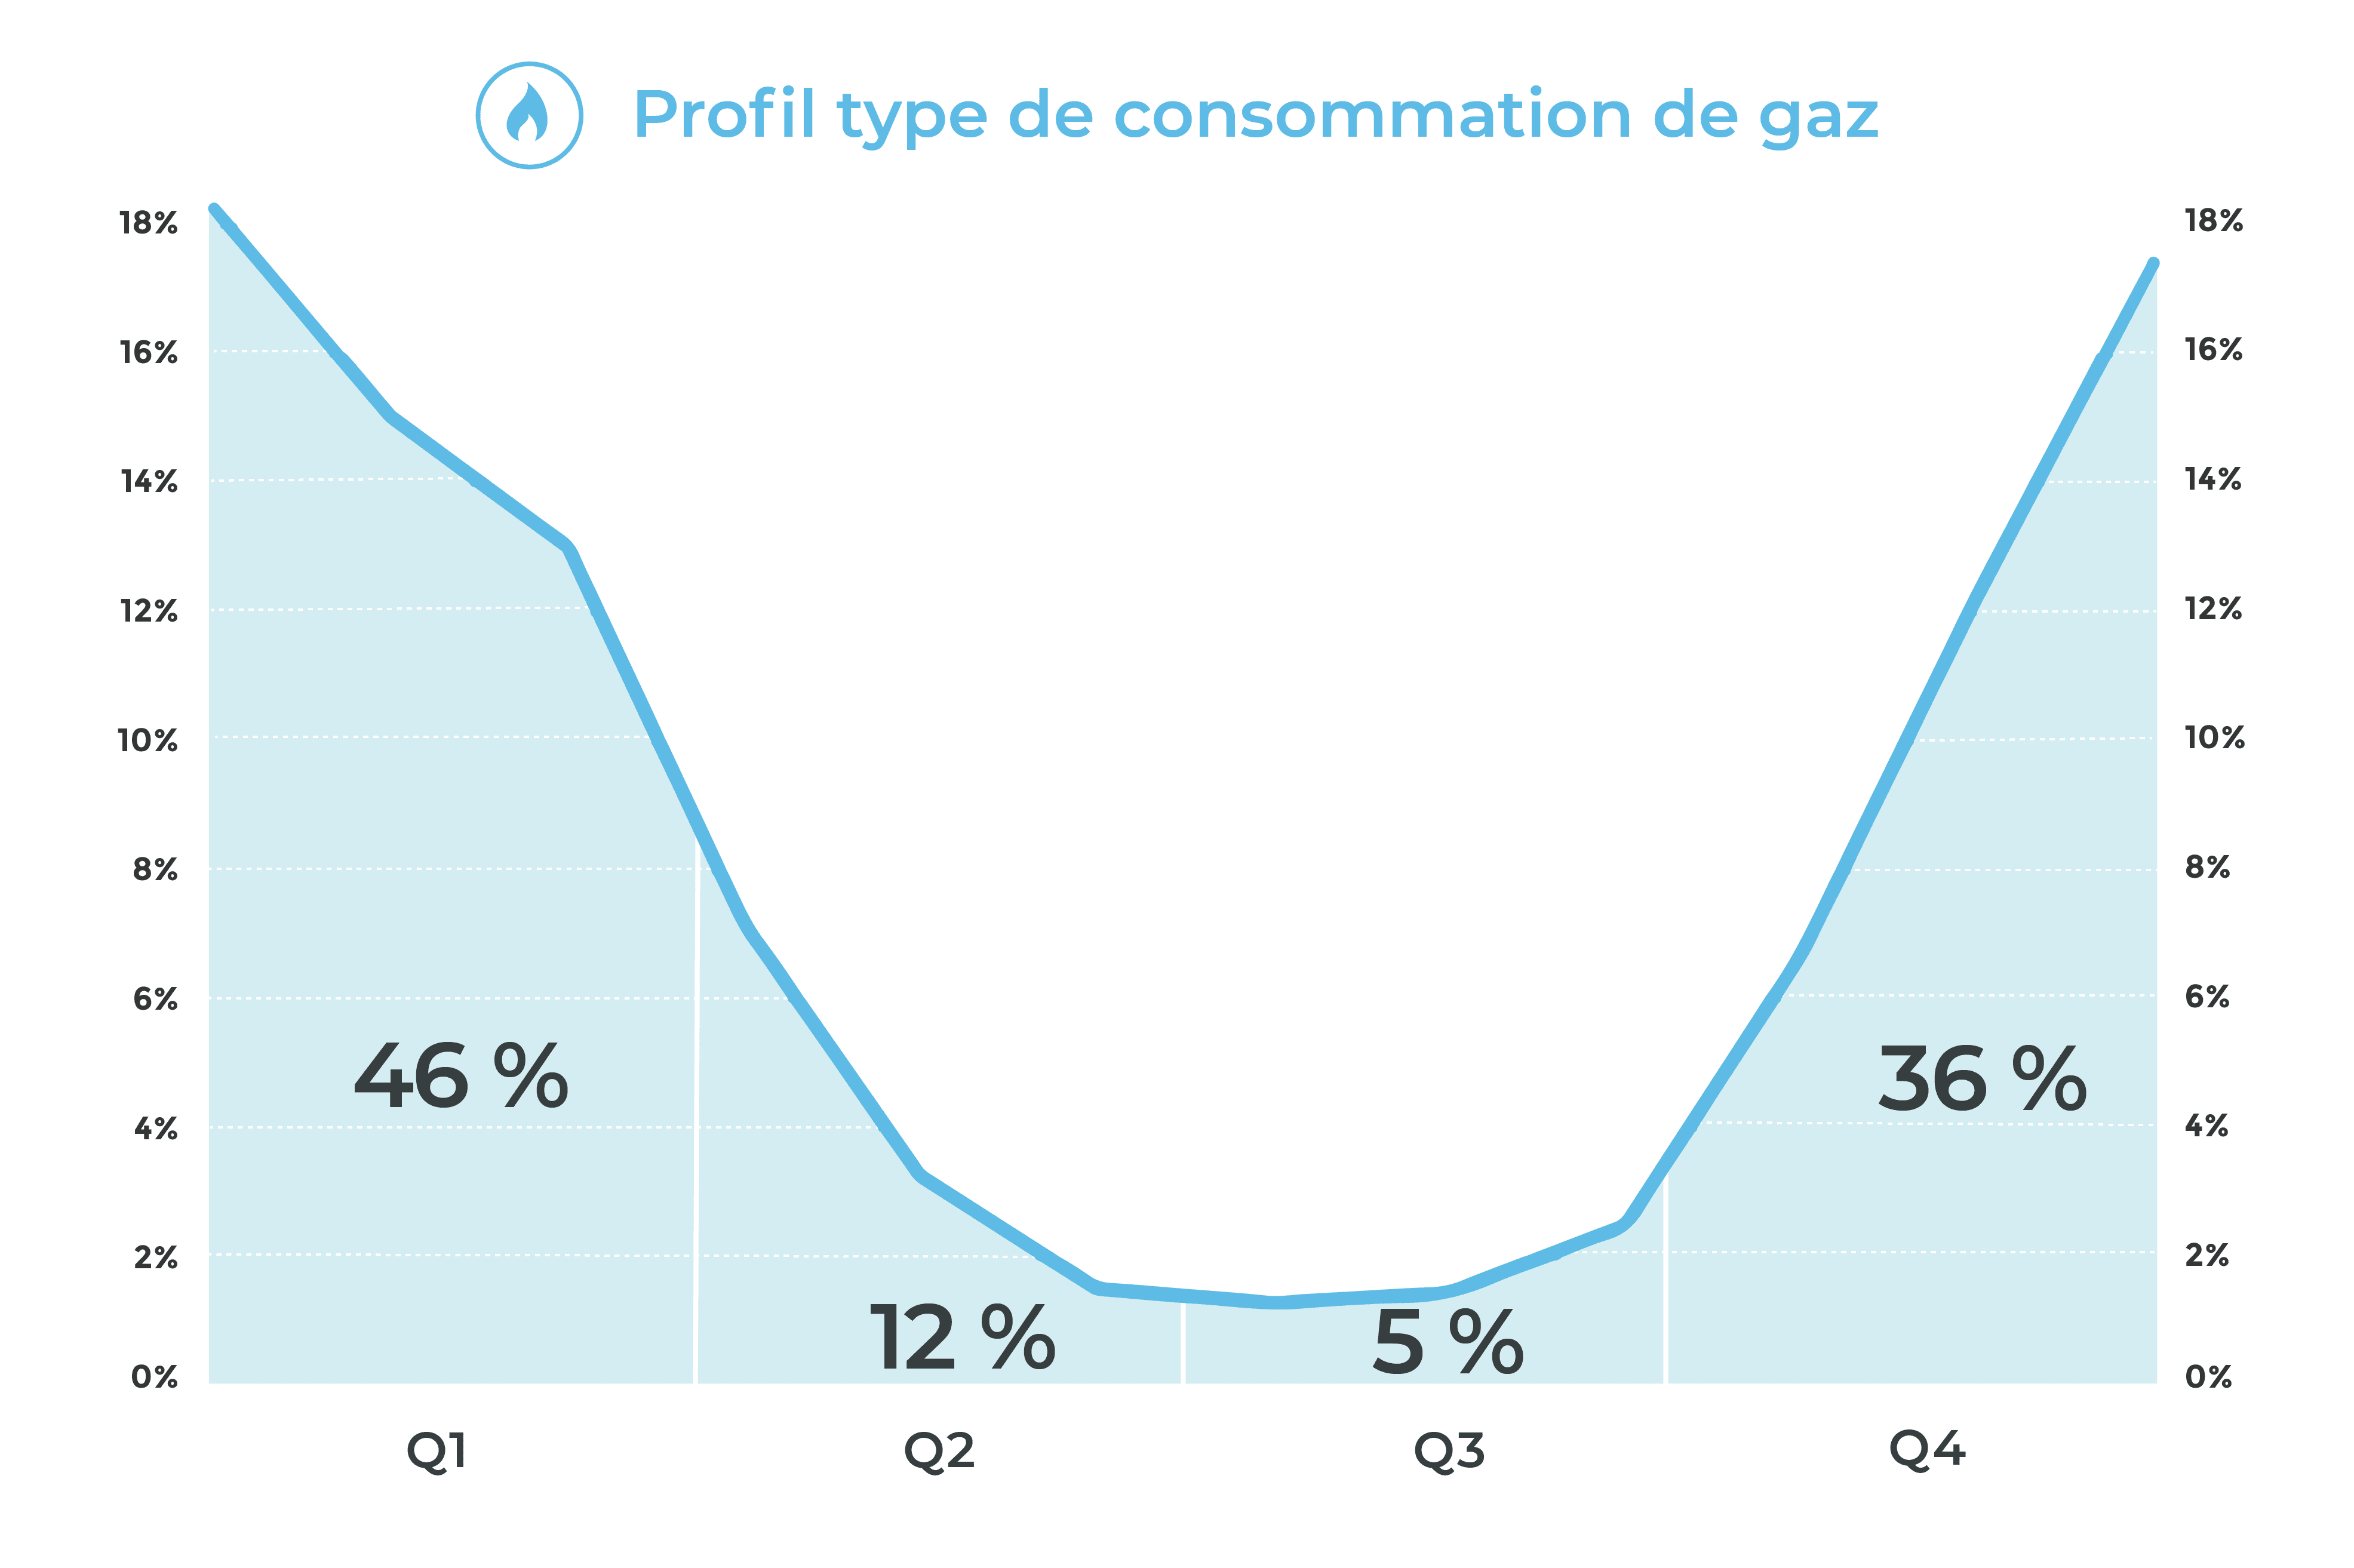 graphique de profil type de consommation de gaz